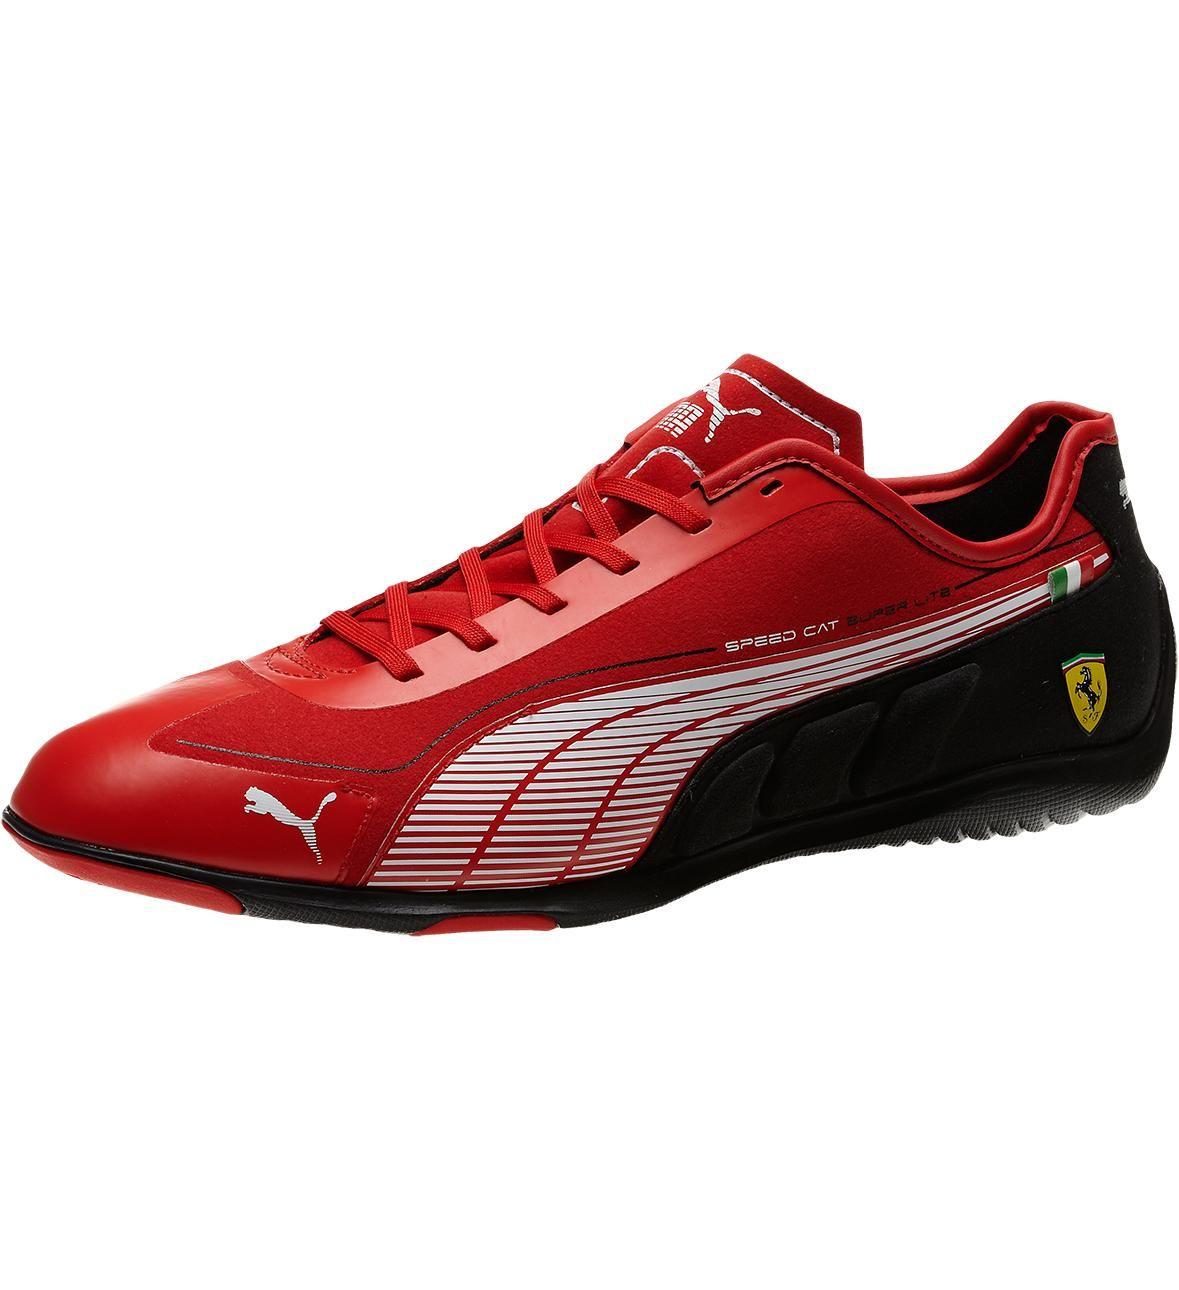 Puma Shoes | Pumas Ferrari Shoes 2012 | Pumas shoes, Puma, Shoes